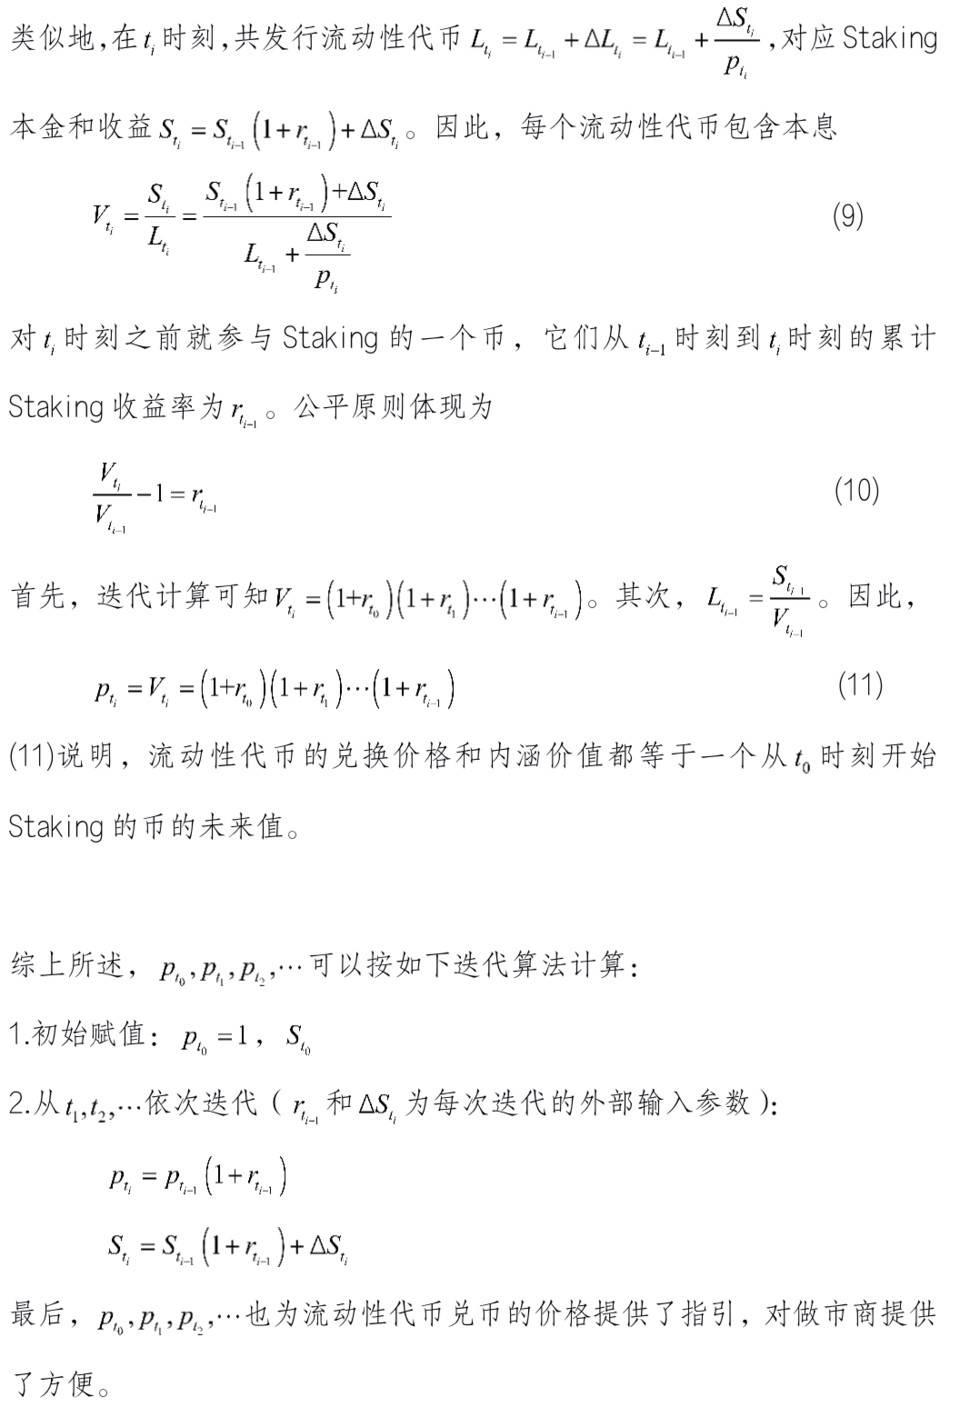 邹传伟:以 PoS 矿池质押收益为例解析 DeFi 的利息理论